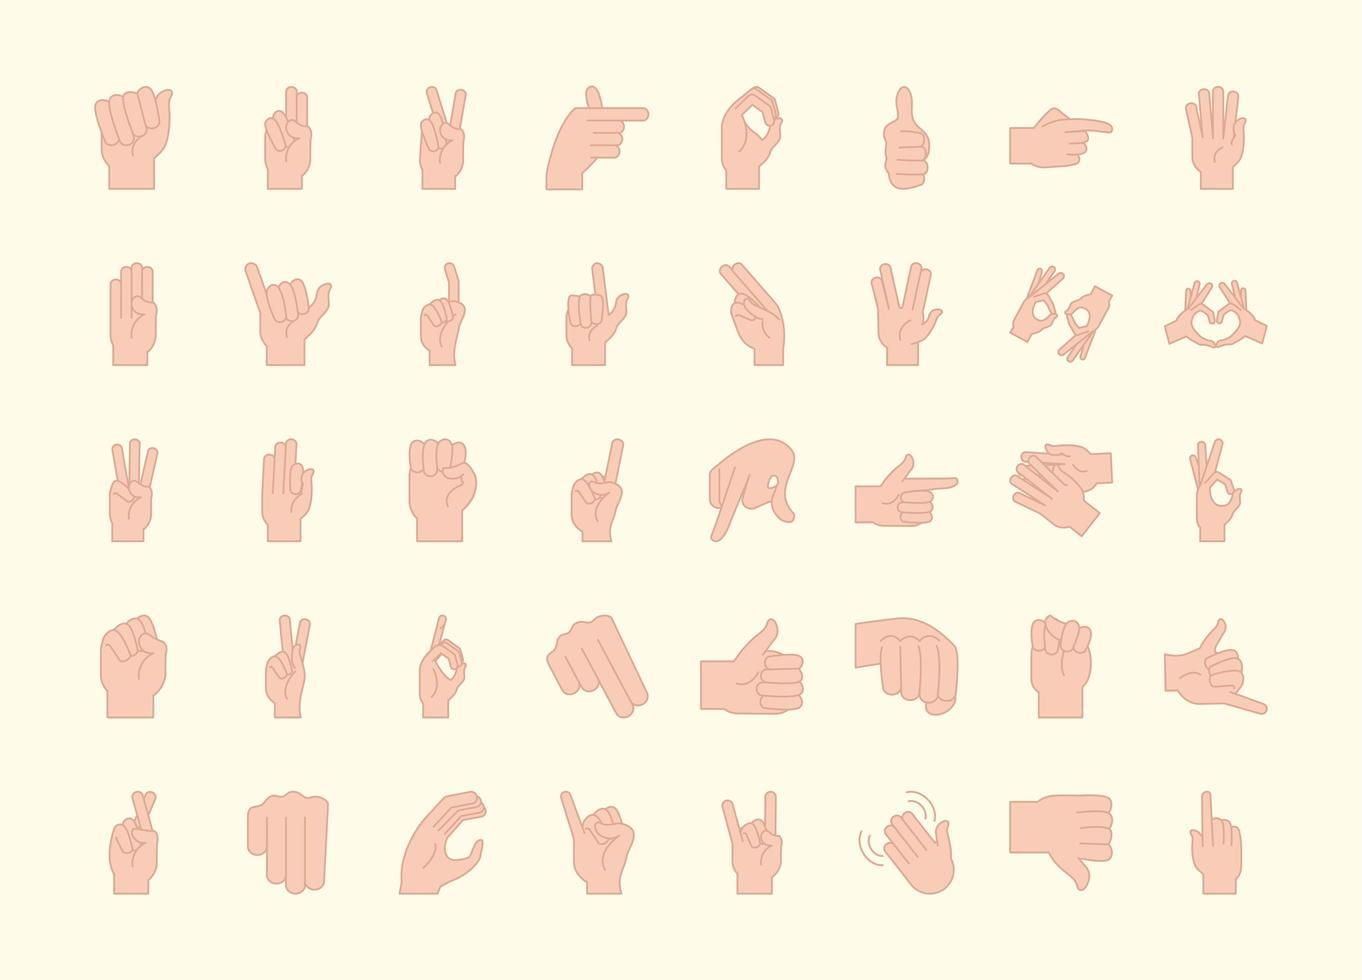 teckenspråk och handgester ikonsamling vektor